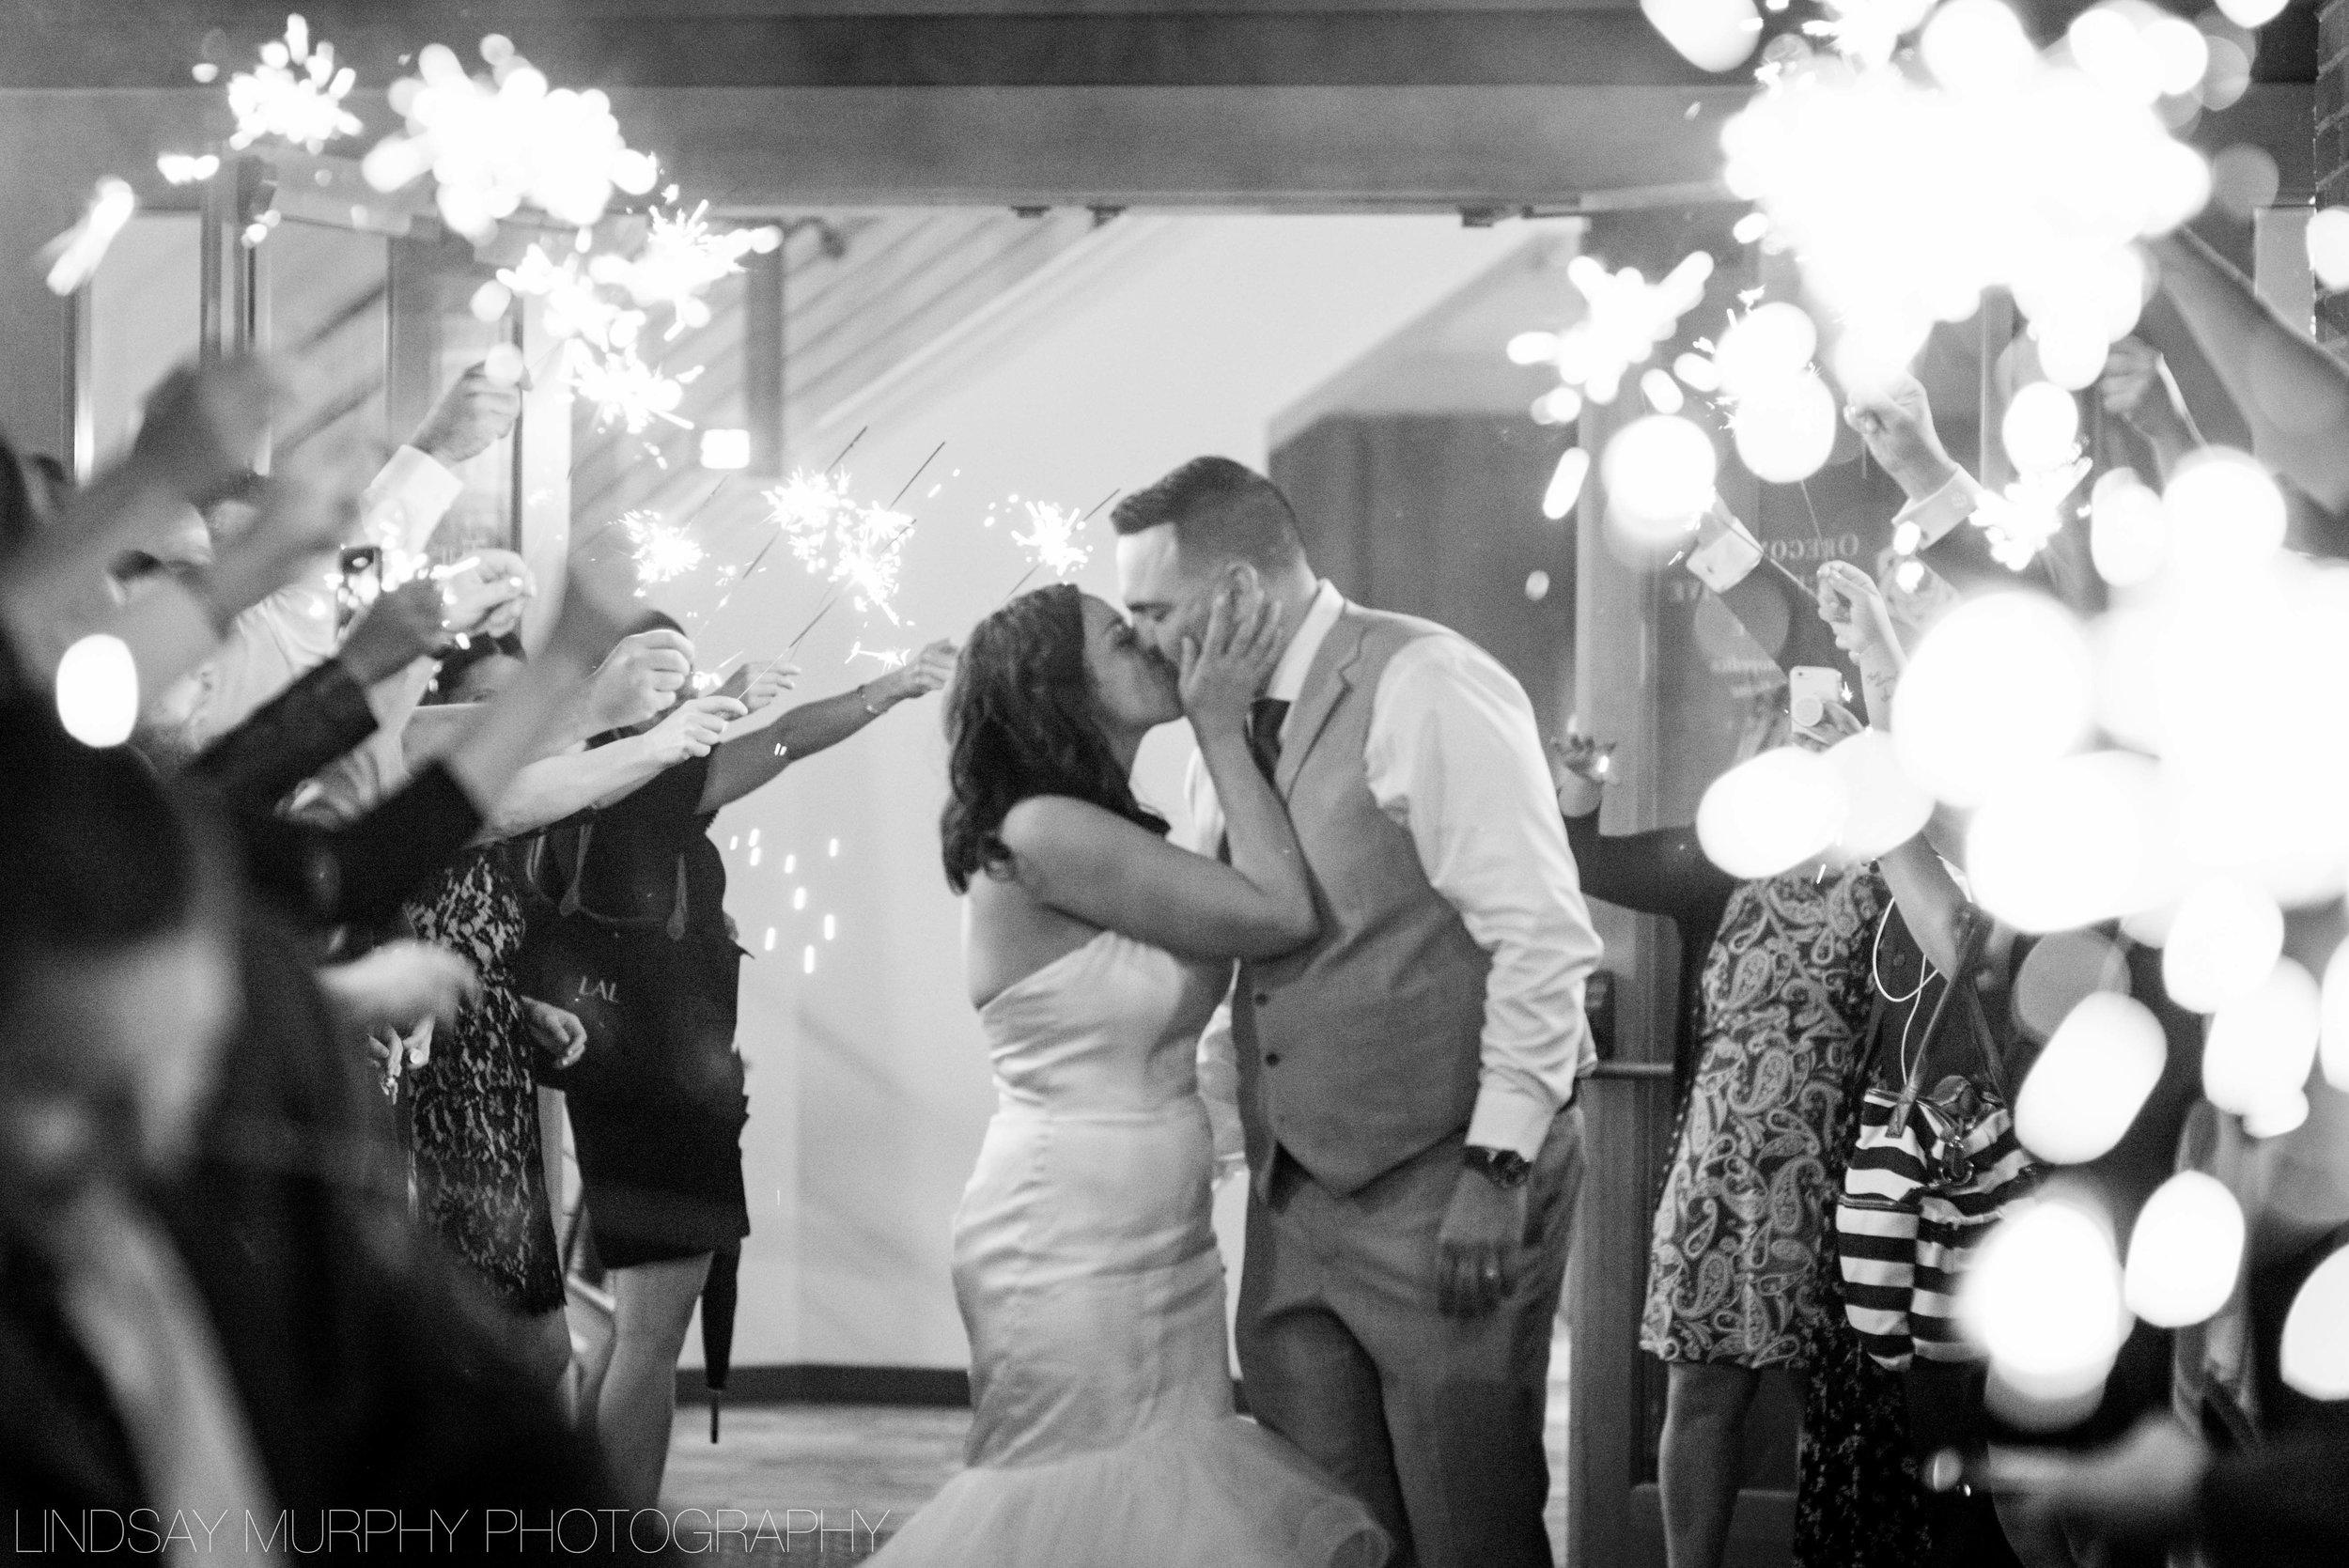 Pacific_Northwest_Wedding-104.jpg